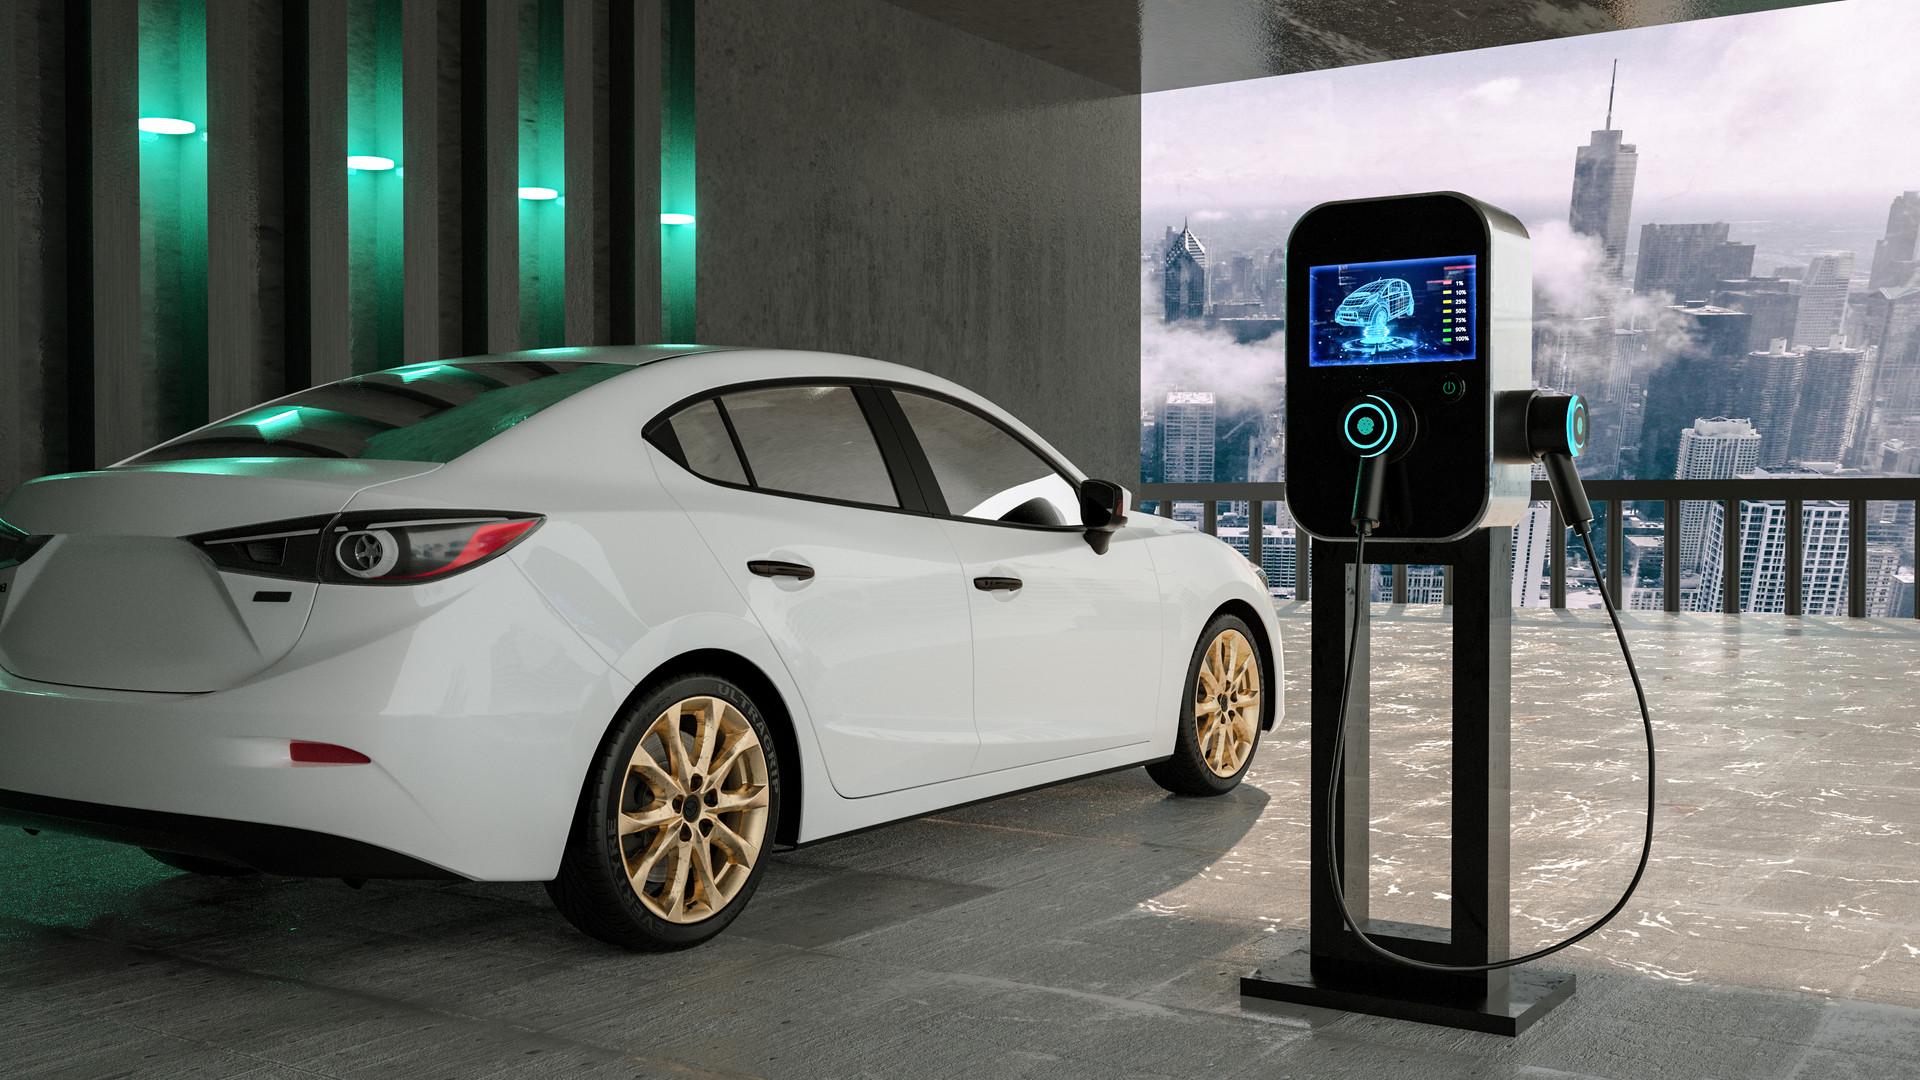 造车新势力再迎新玩家:首钢注资9.5亿元进军新能源